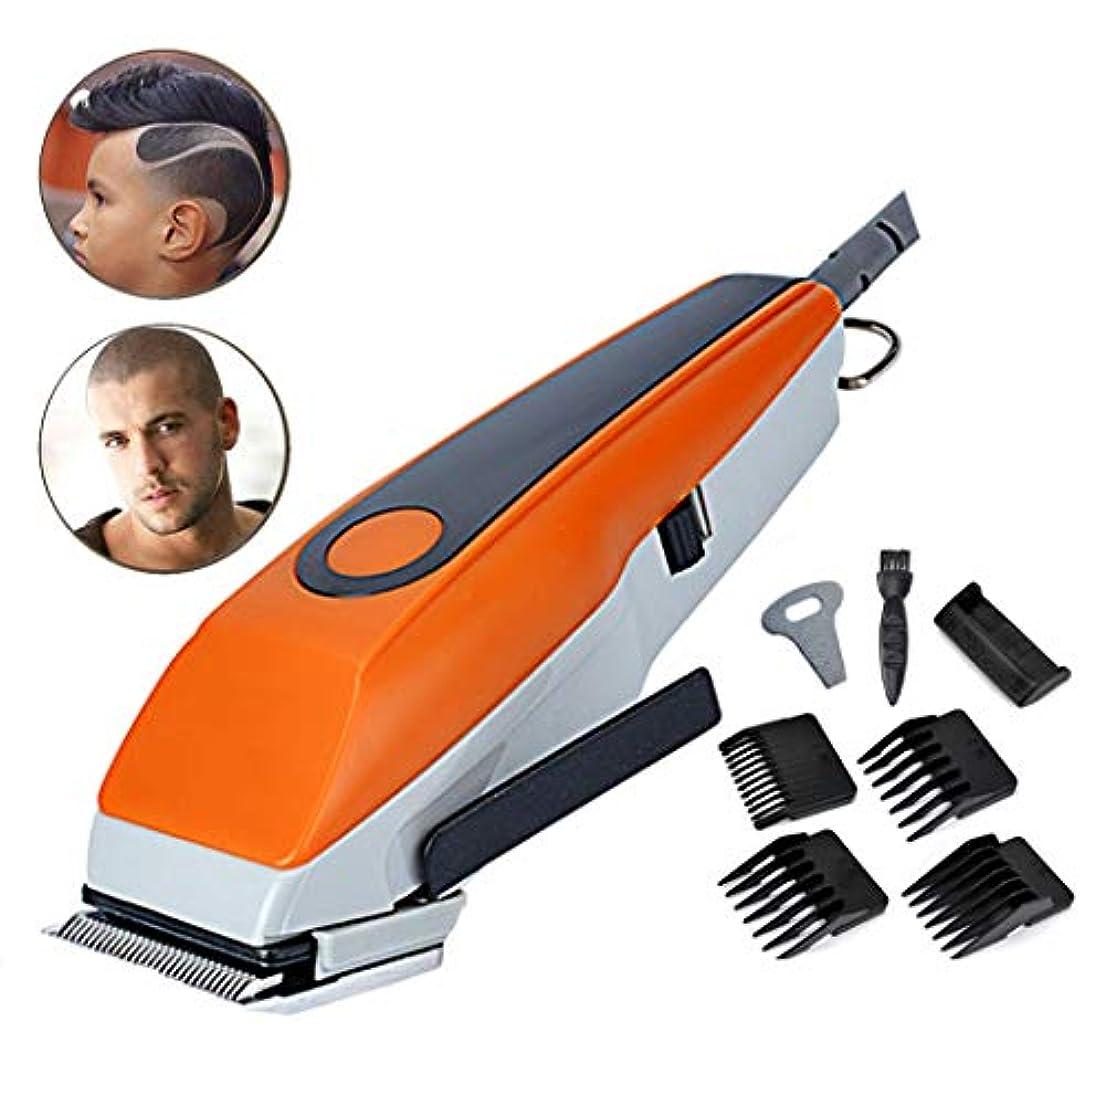 こっそり不調和雑品バリカンはげかかった専門のバリカンメンズ電気シェーバー低雑音の毛の切断